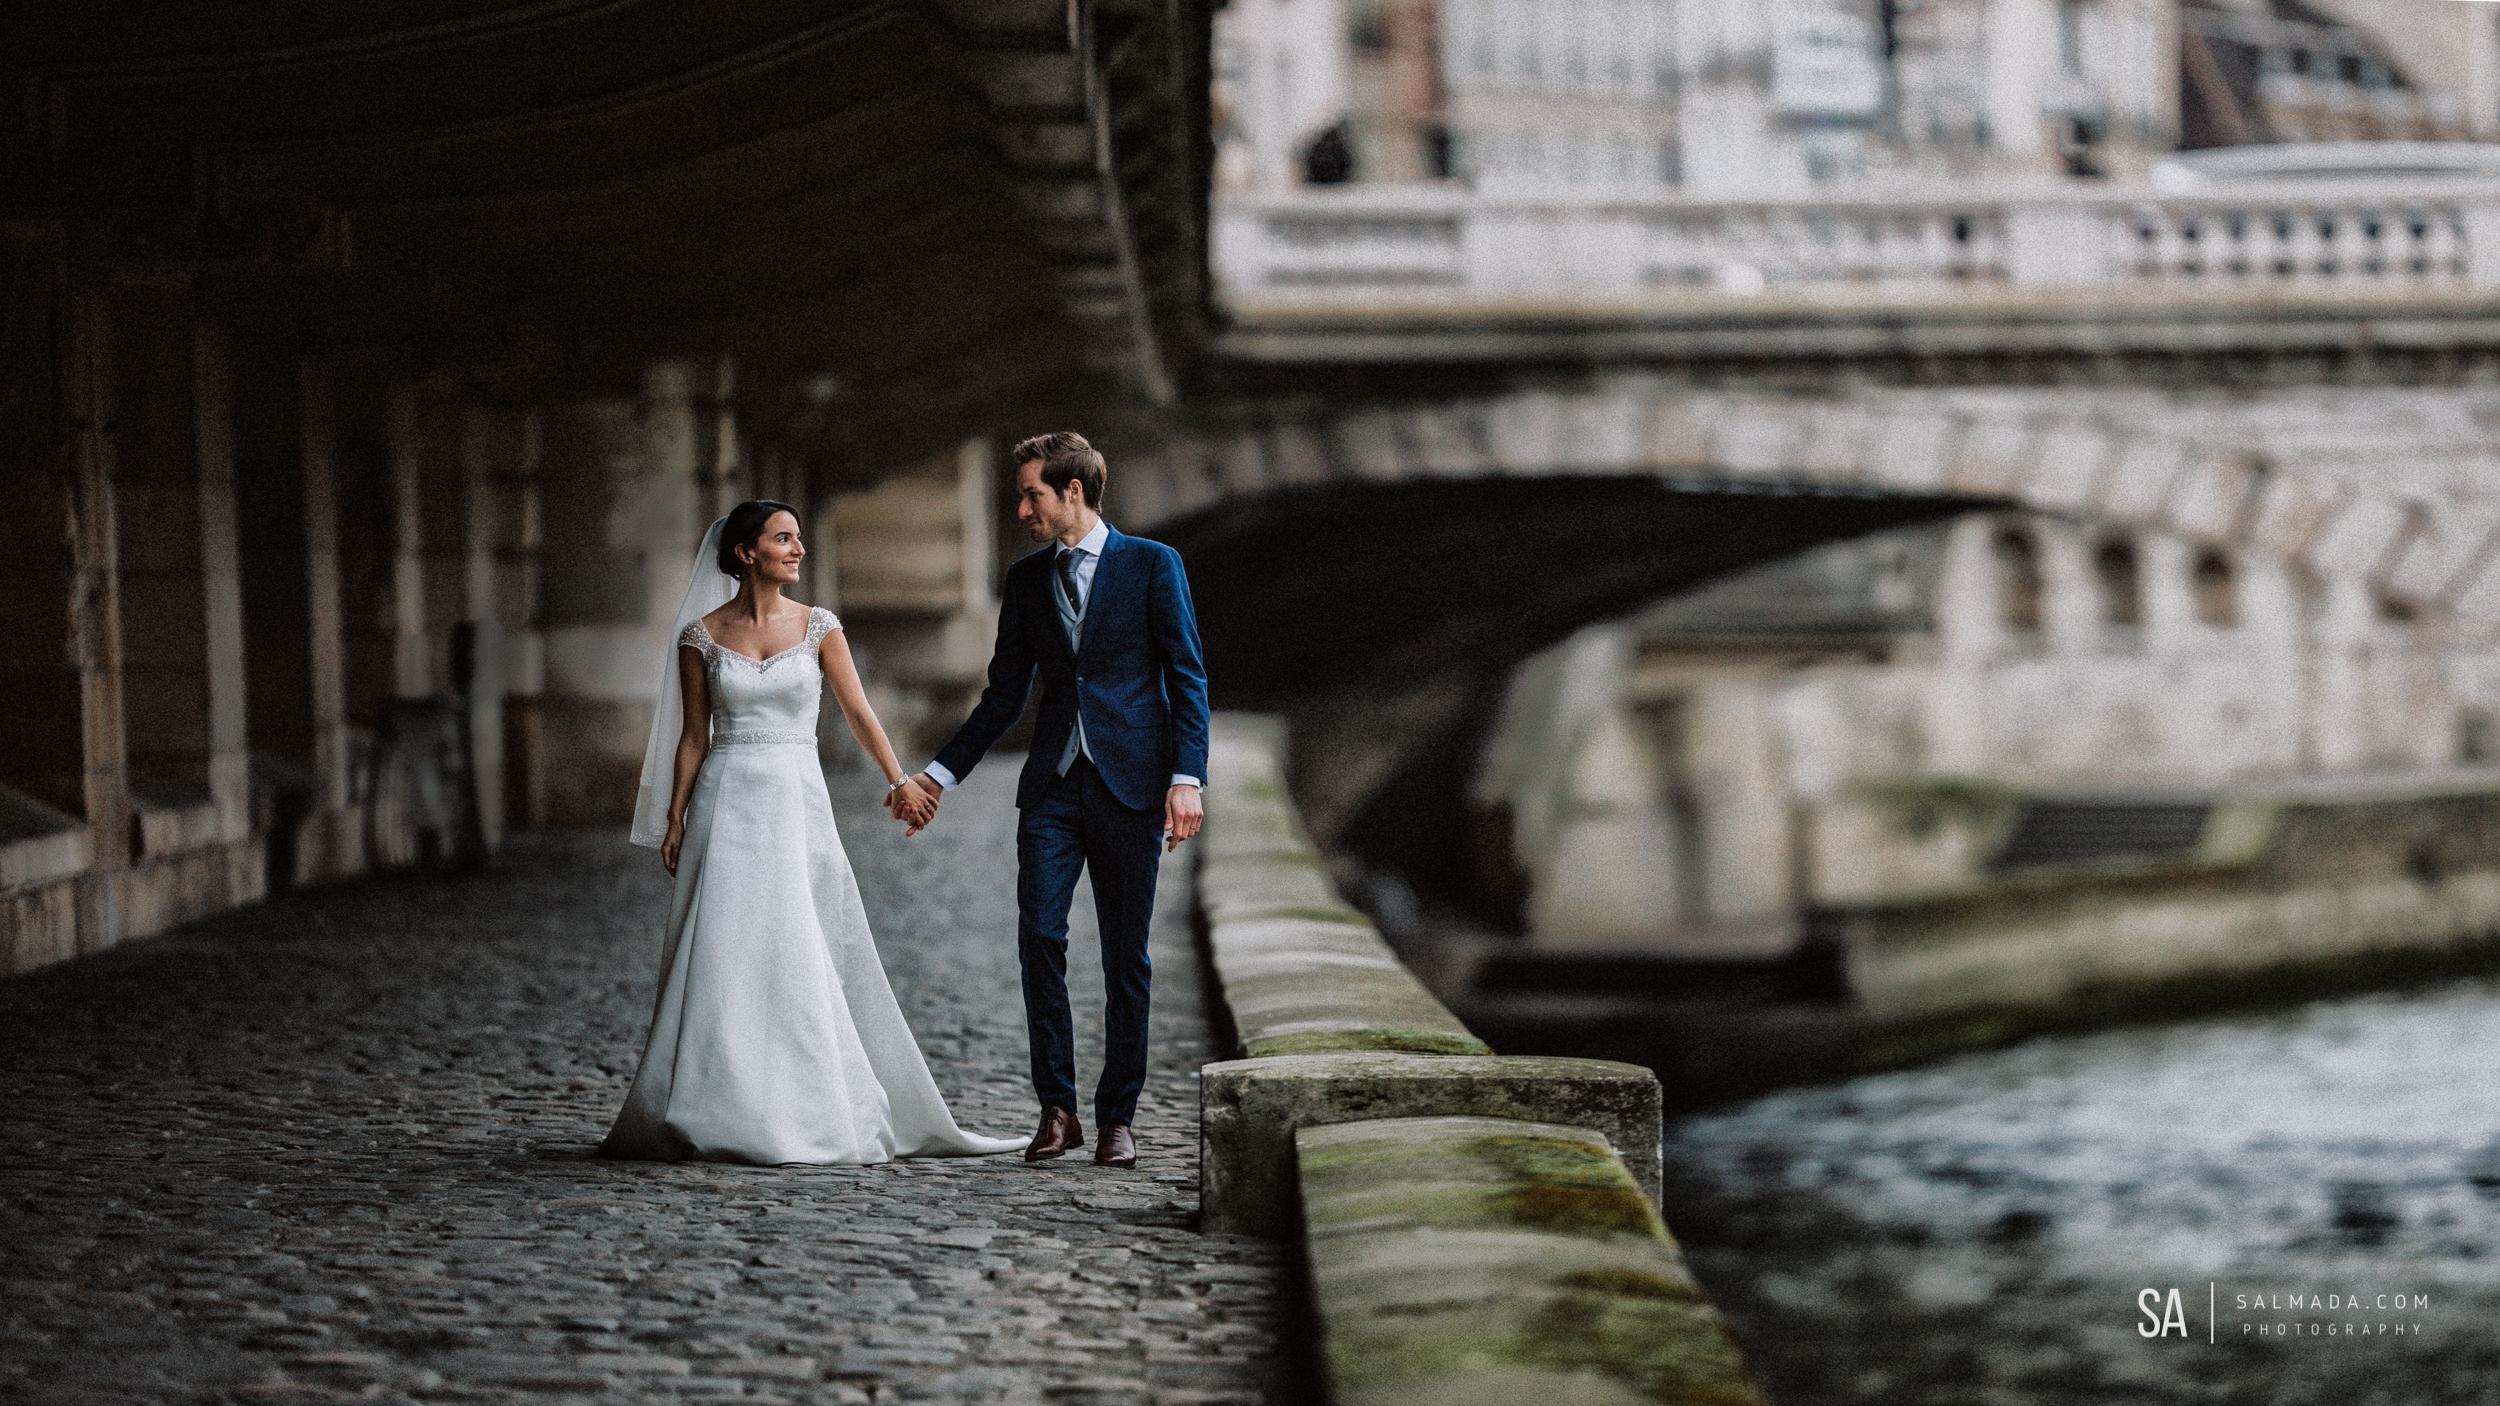 Wedding in Paris.jpg